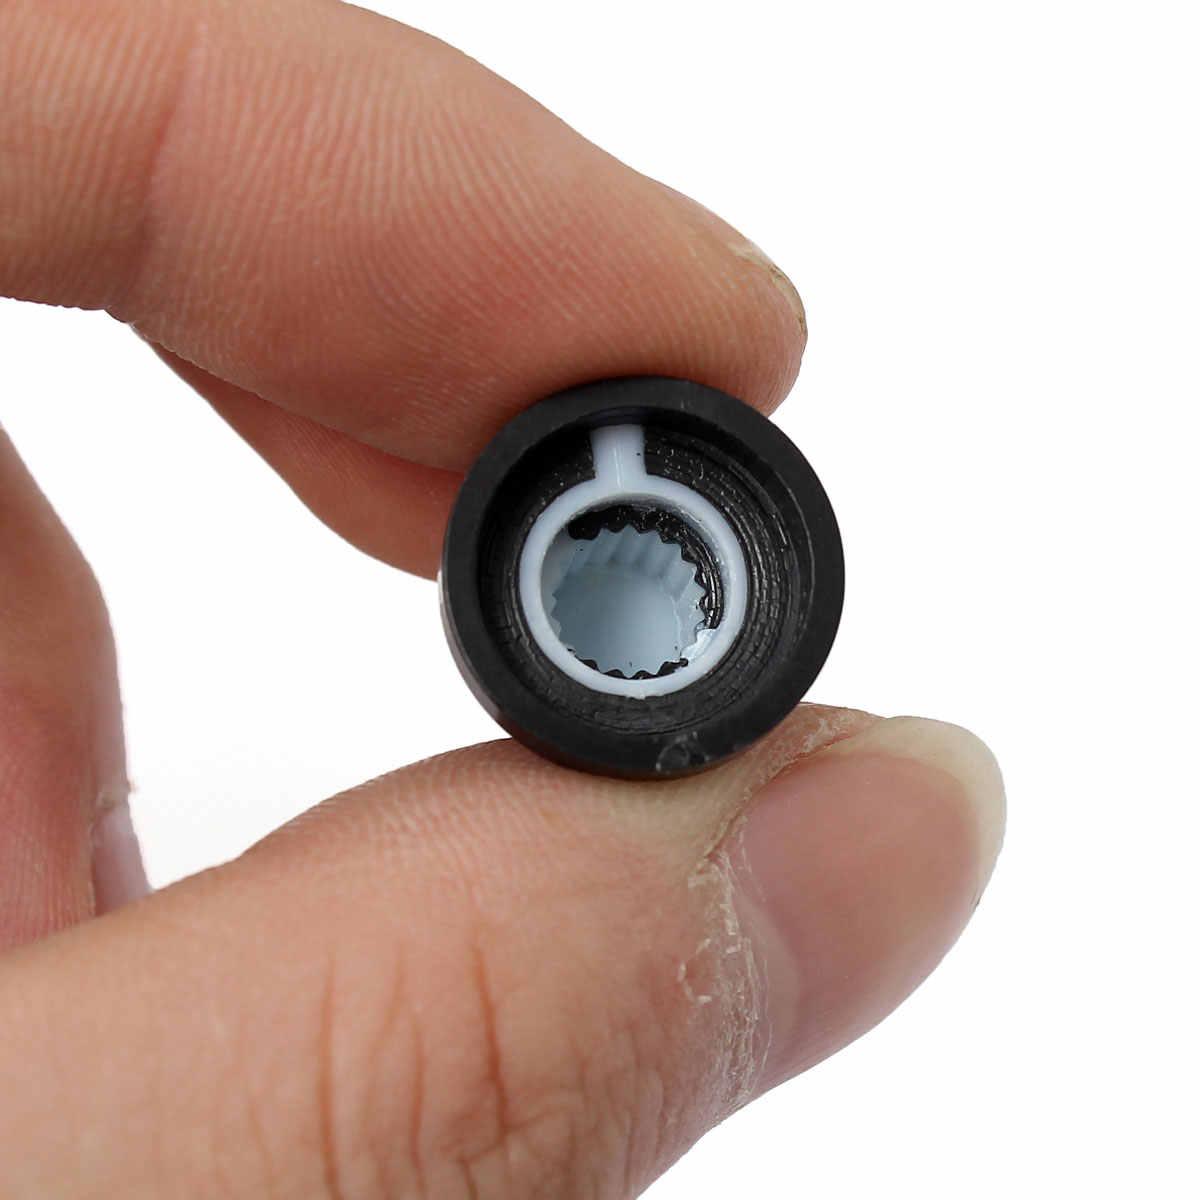 En yeni!! Sıcak Satış 10 Adet 6mm Mil Delik Dia Plastik Dişli Tırtıllı Potansiyometre Kolları Caps